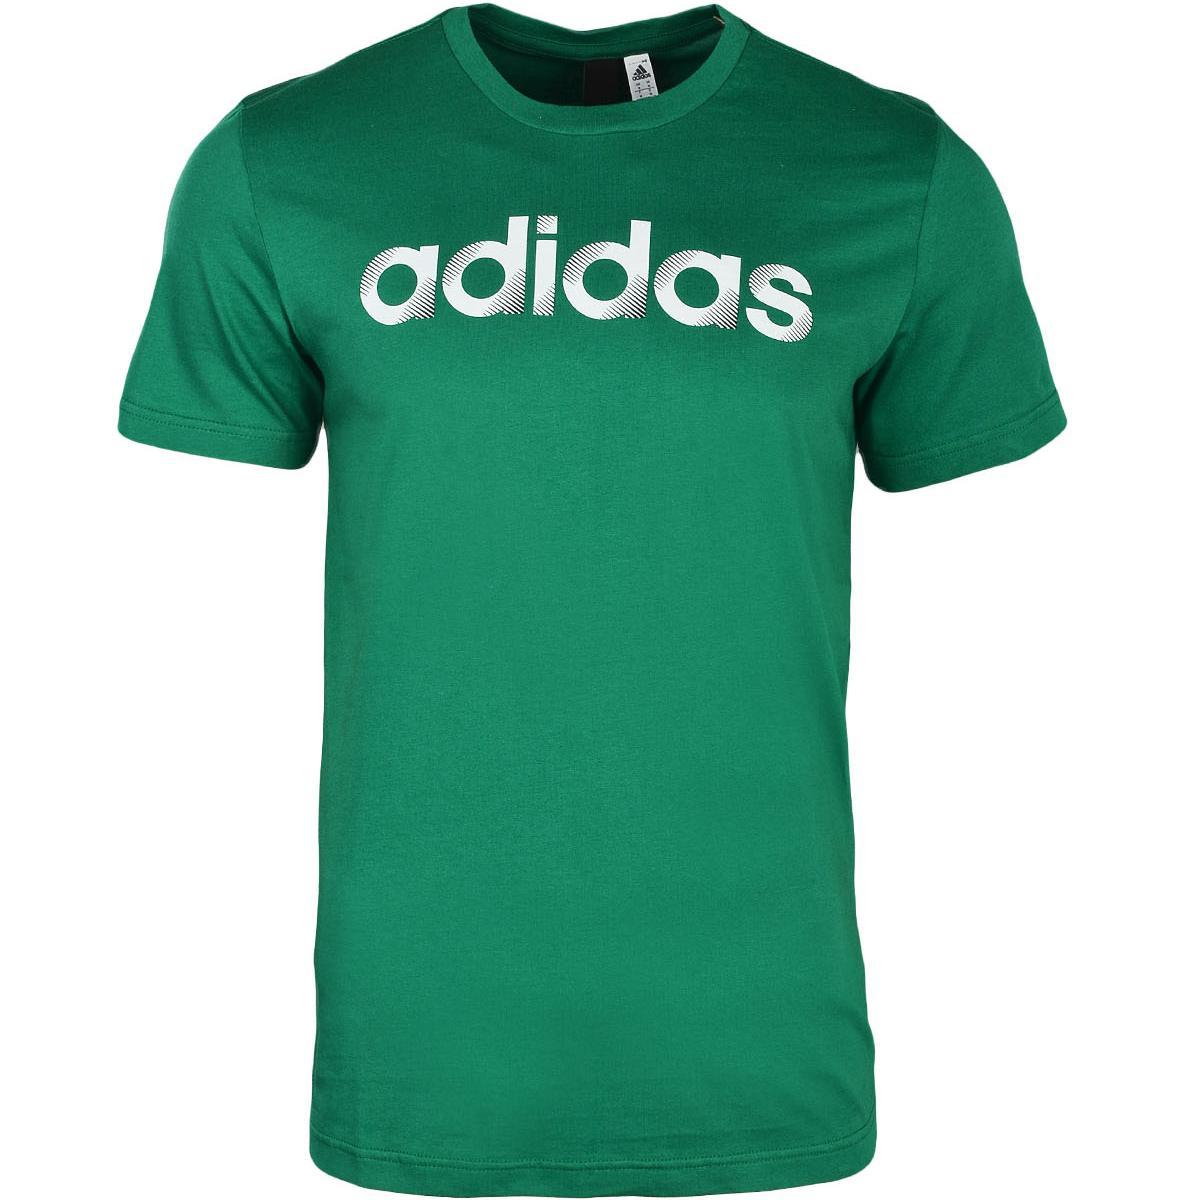 f652eb26d T-shirt ADIDAS Koszulka Męska (CV4512) XL - 7378678335 - oficjalne ...